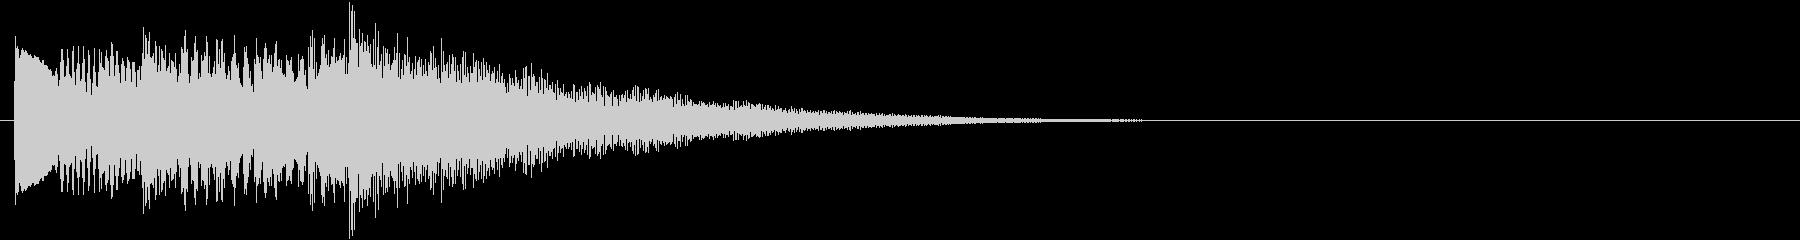 フレーズ系09 文字、テロップ表示(大)の未再生の波形